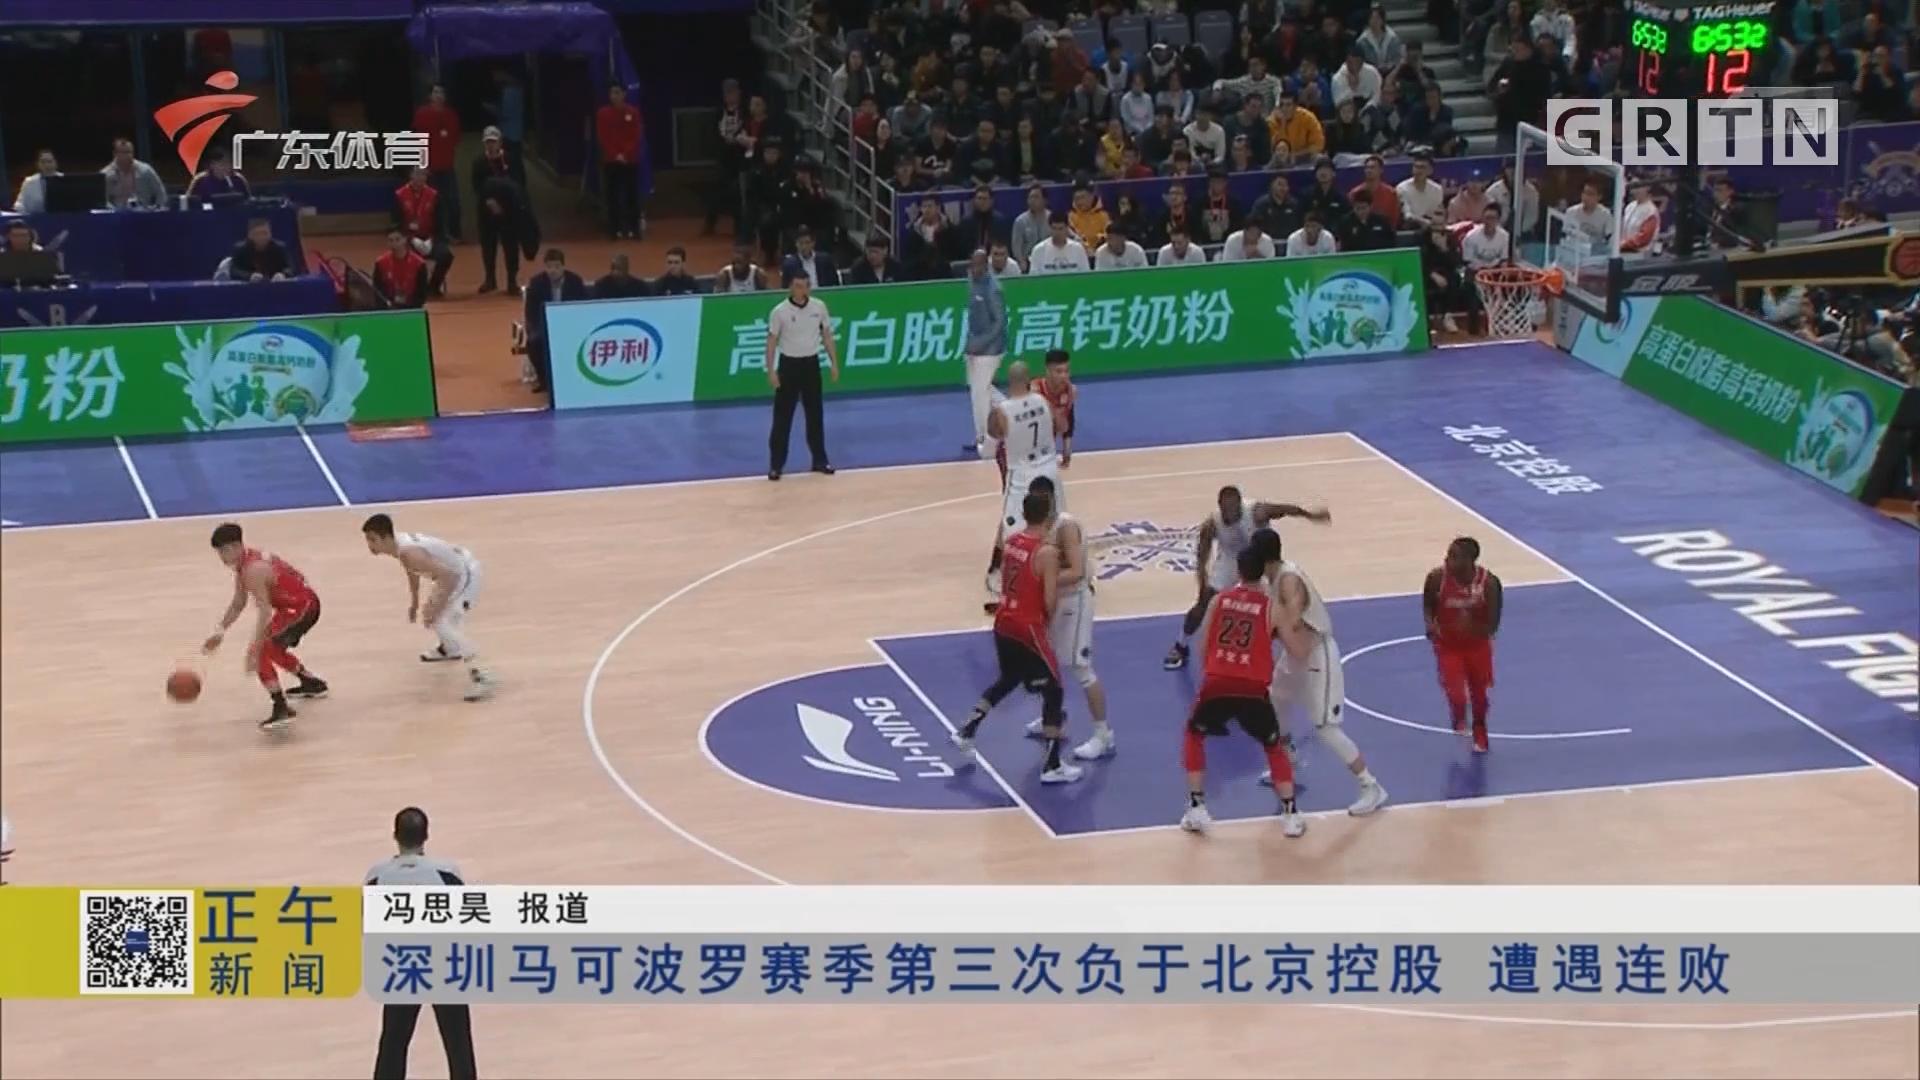 深圳马可波罗赛季第三次负于北京控股 遭遇连败